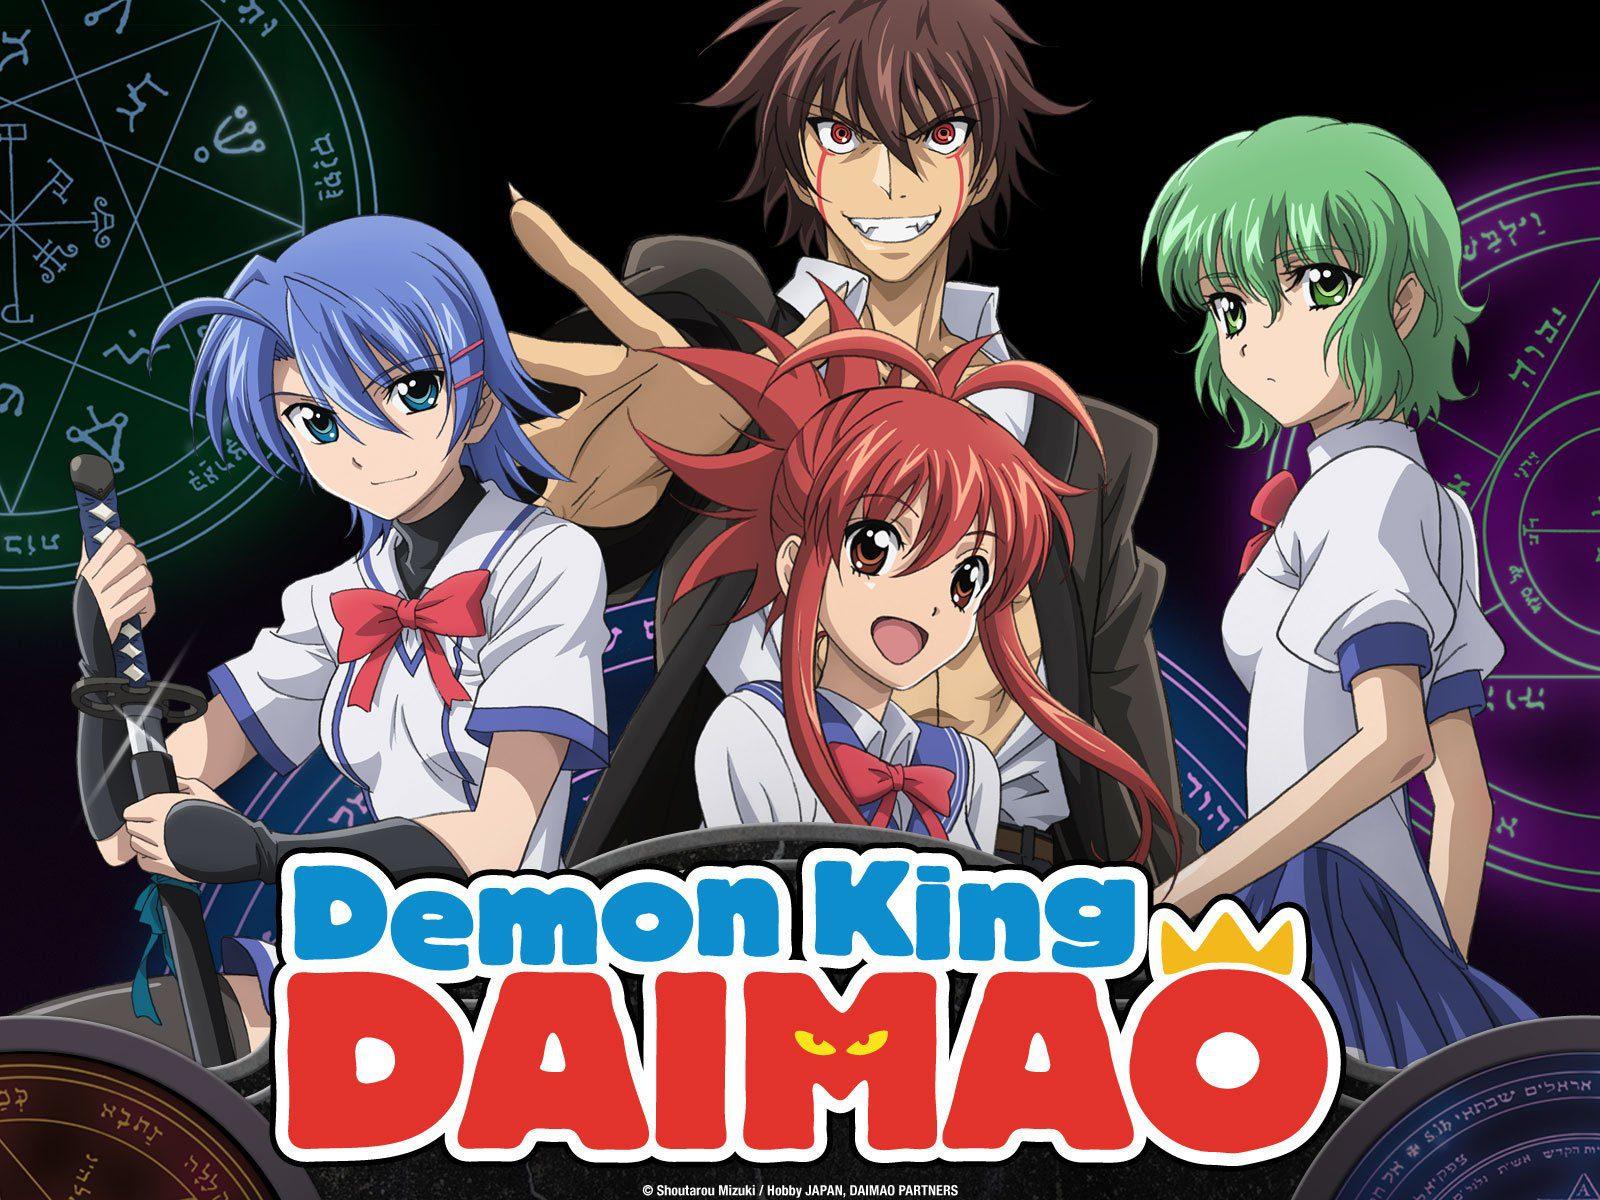 poster of demon king daimao